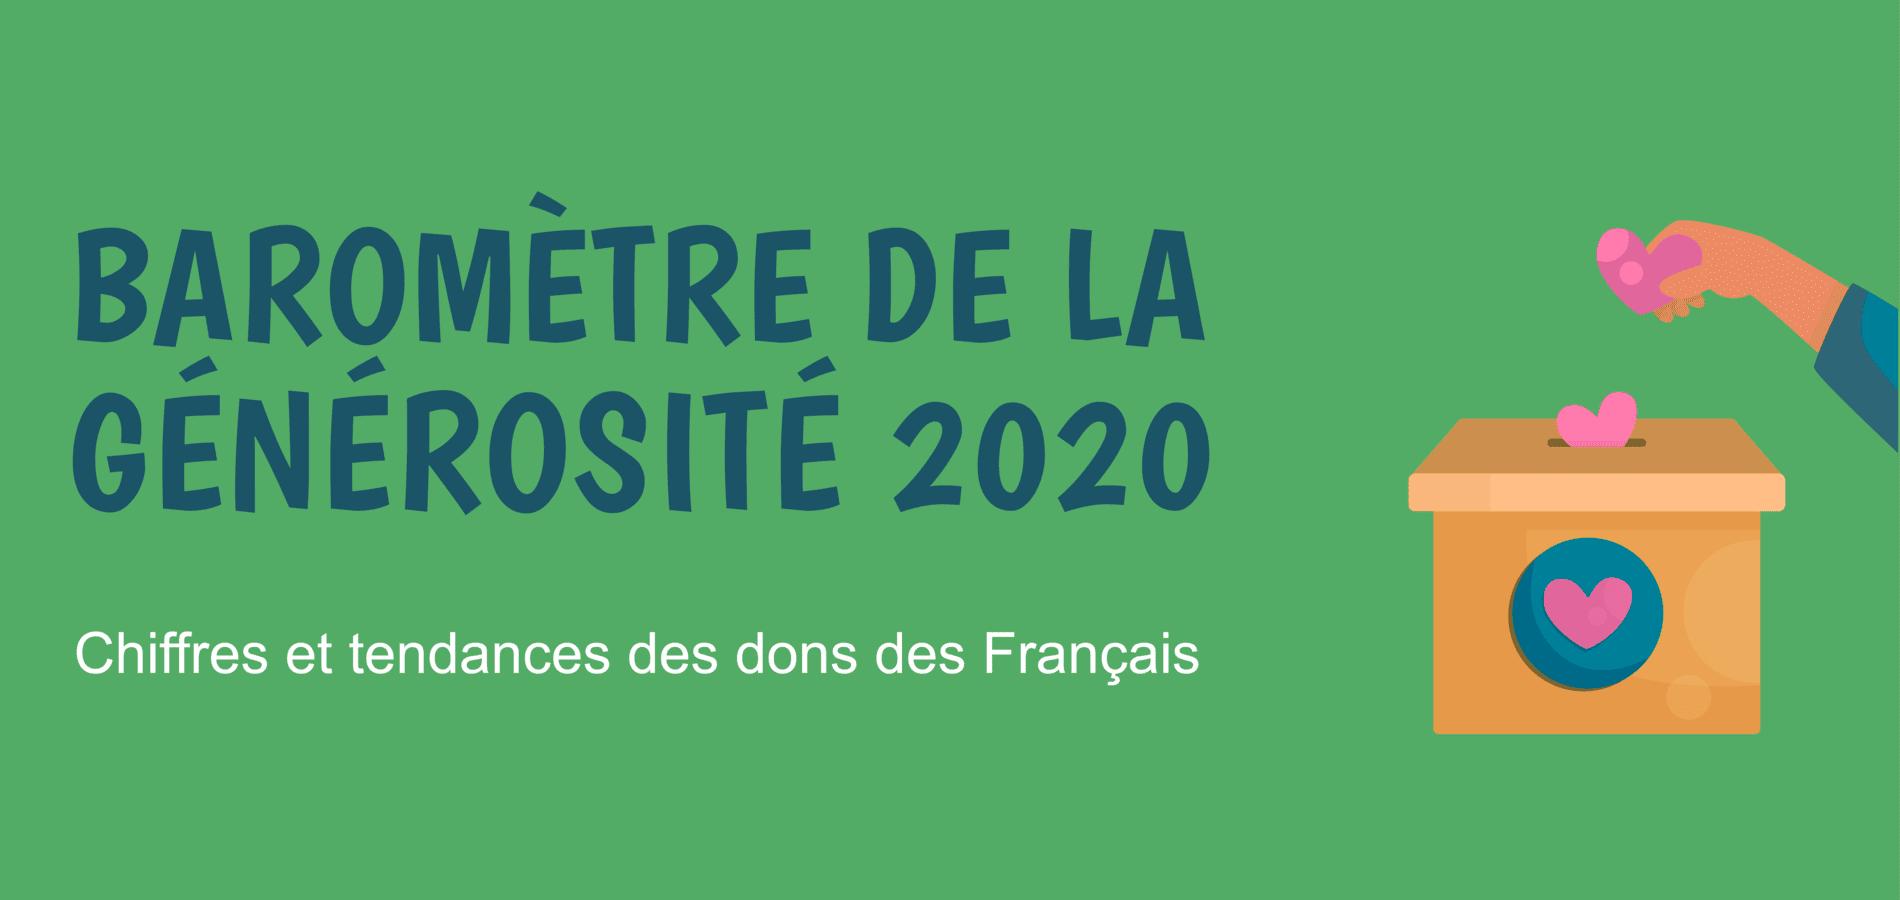 baromètre de la générosité 2020 - couverture site